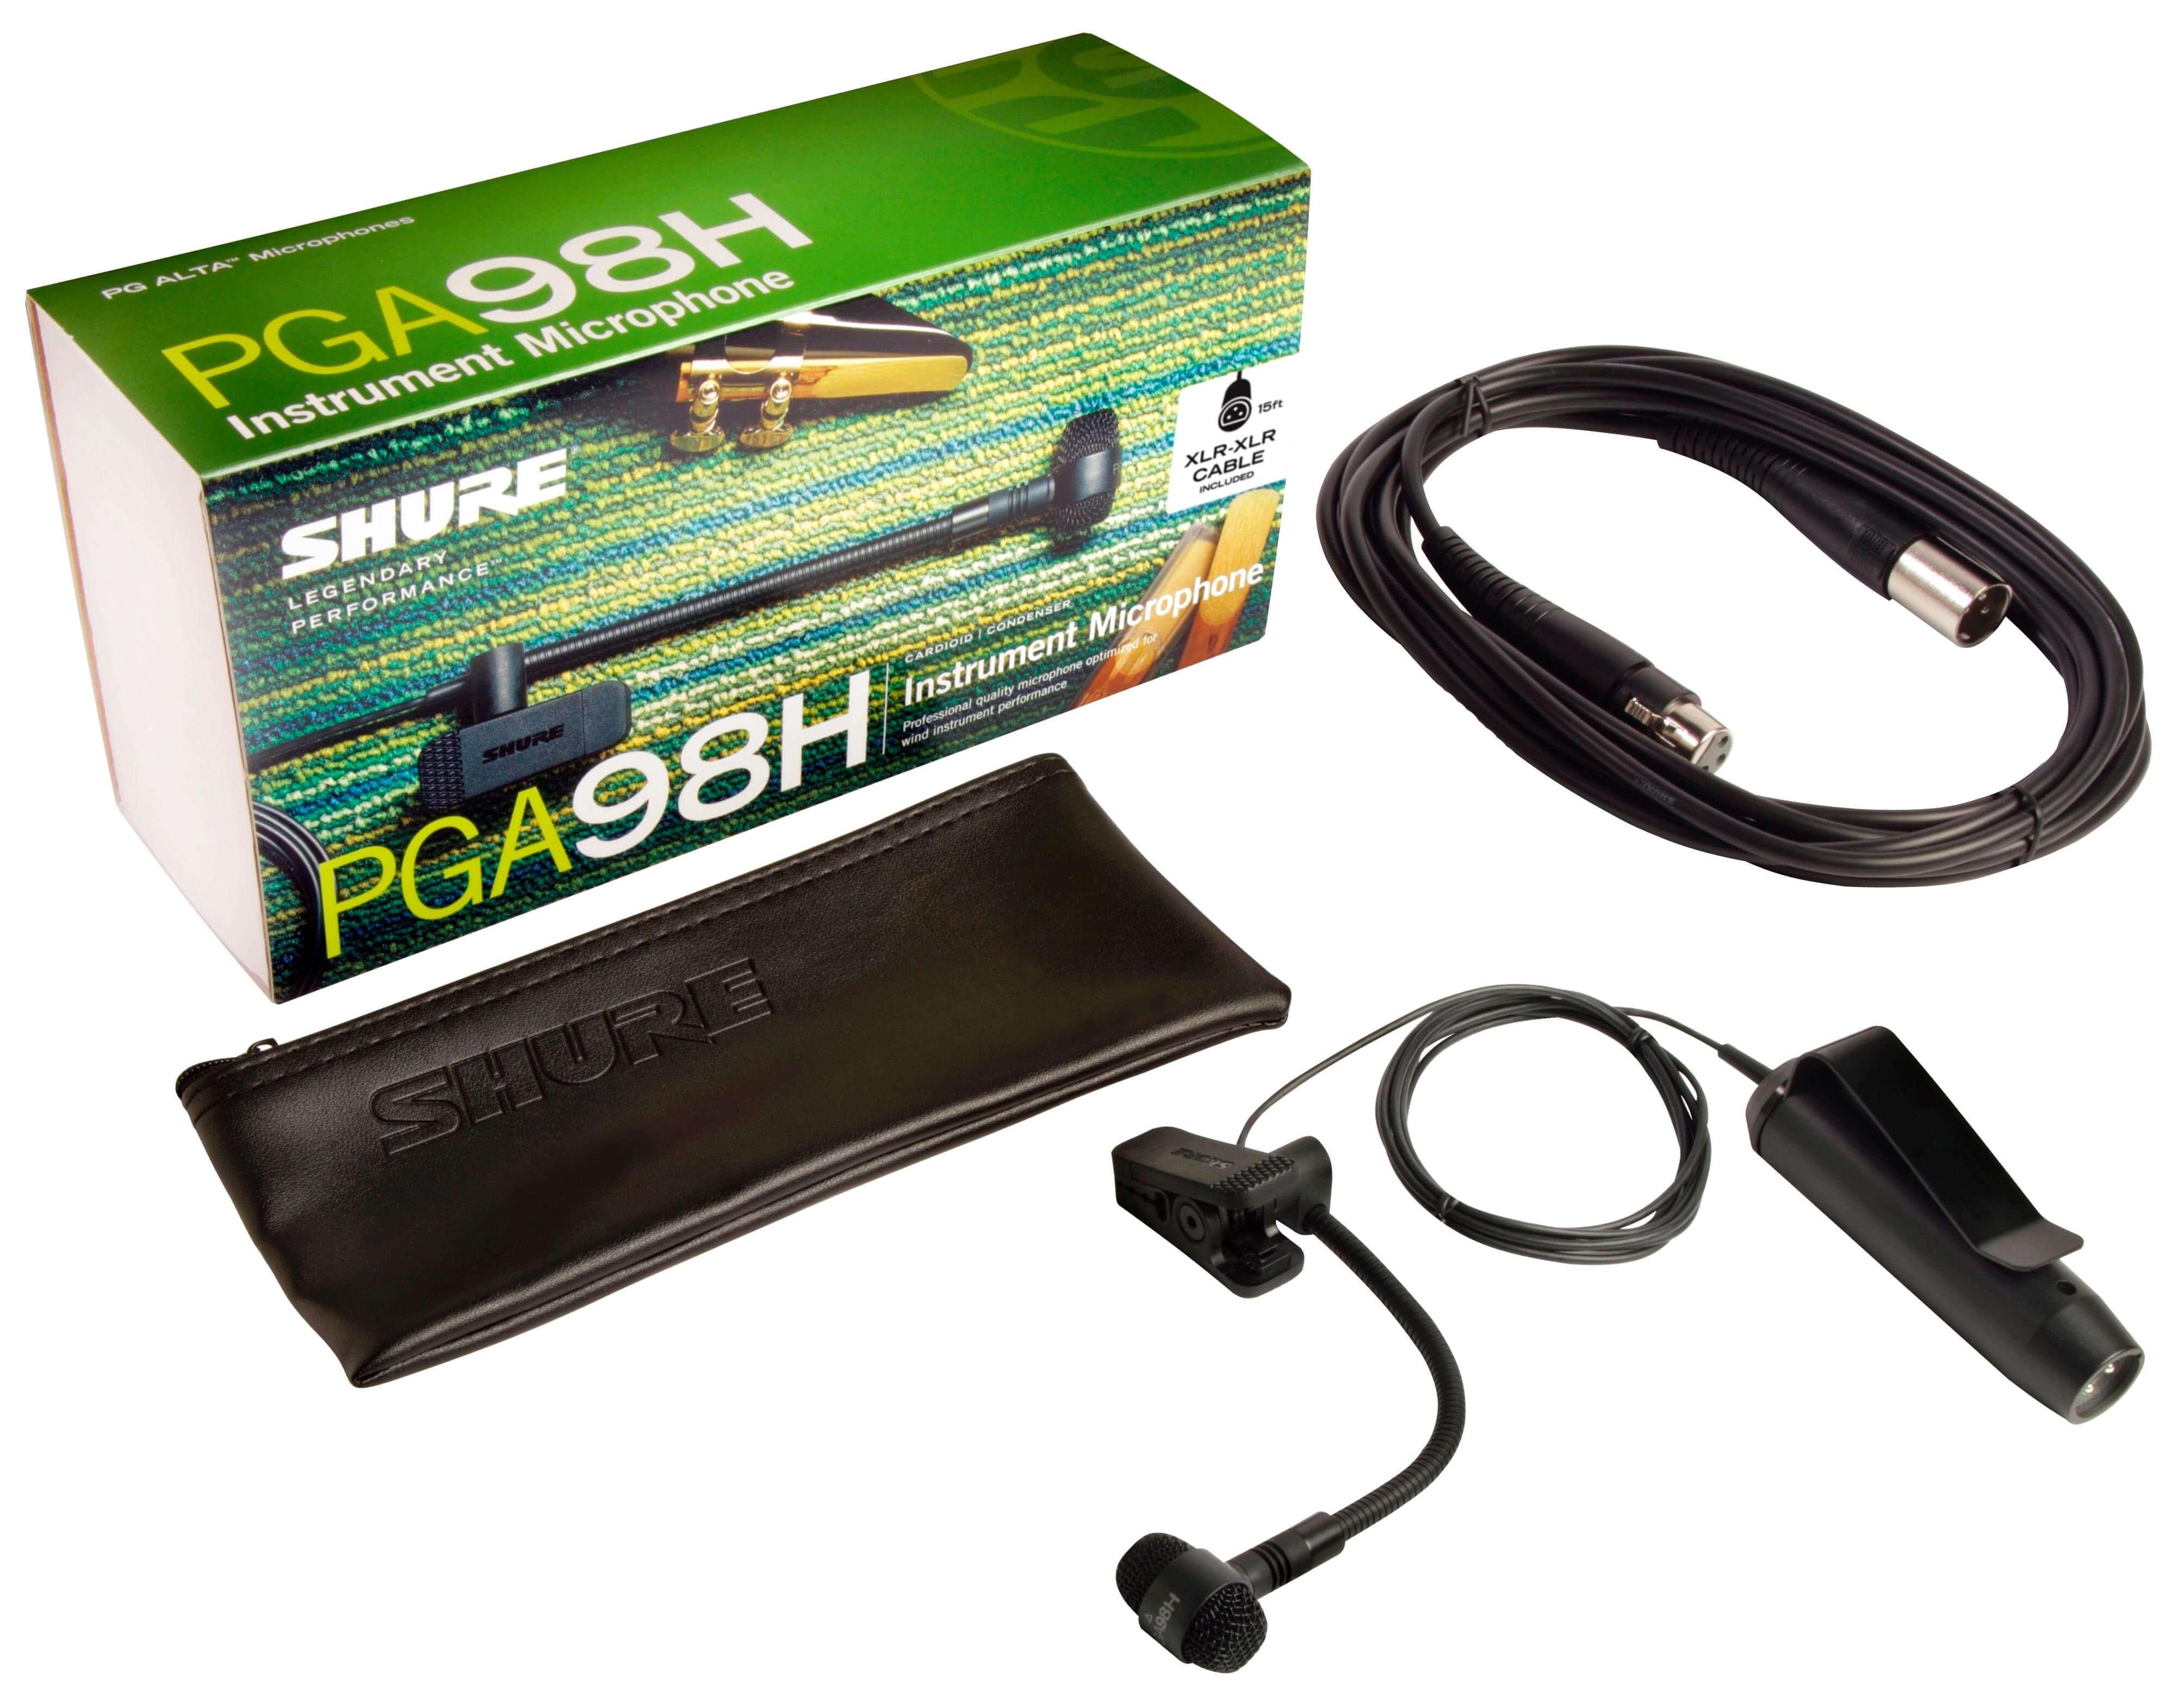 Shure PGA98H-XLR Microfono condensador cardioide para instrumento